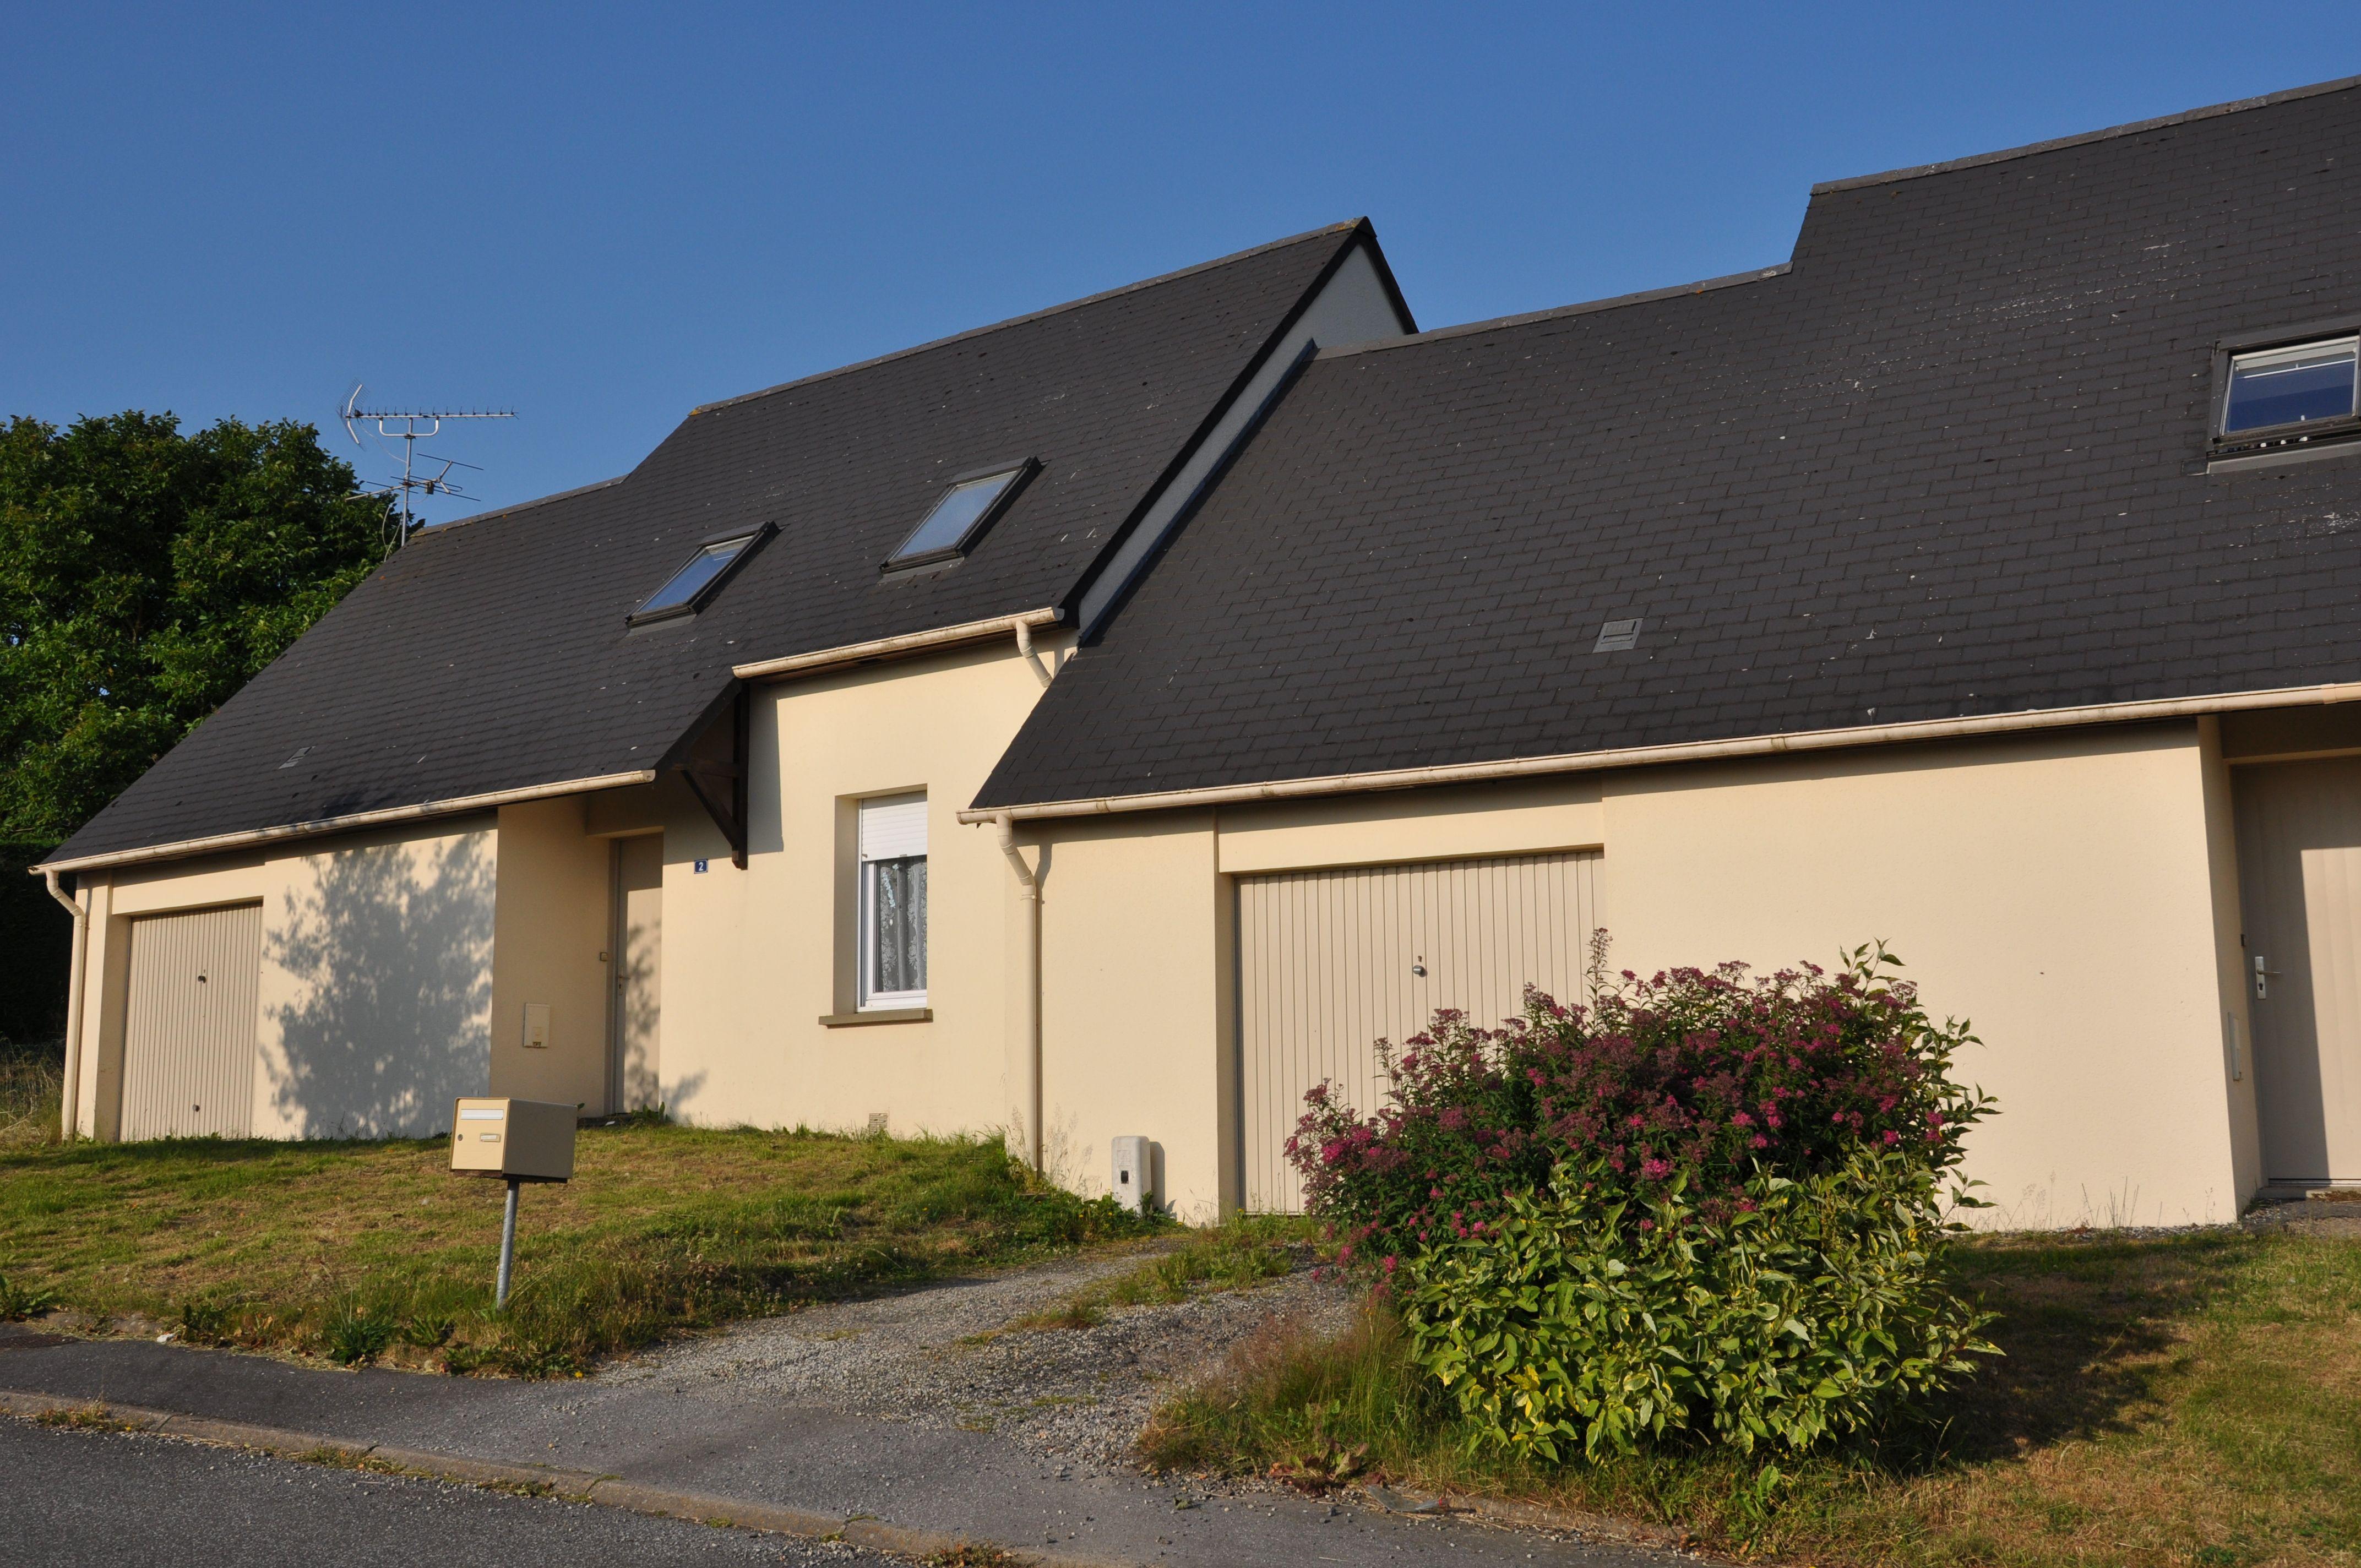 Logement saint cornier des landes locataion maison t4 for Entretien exterieur locataire